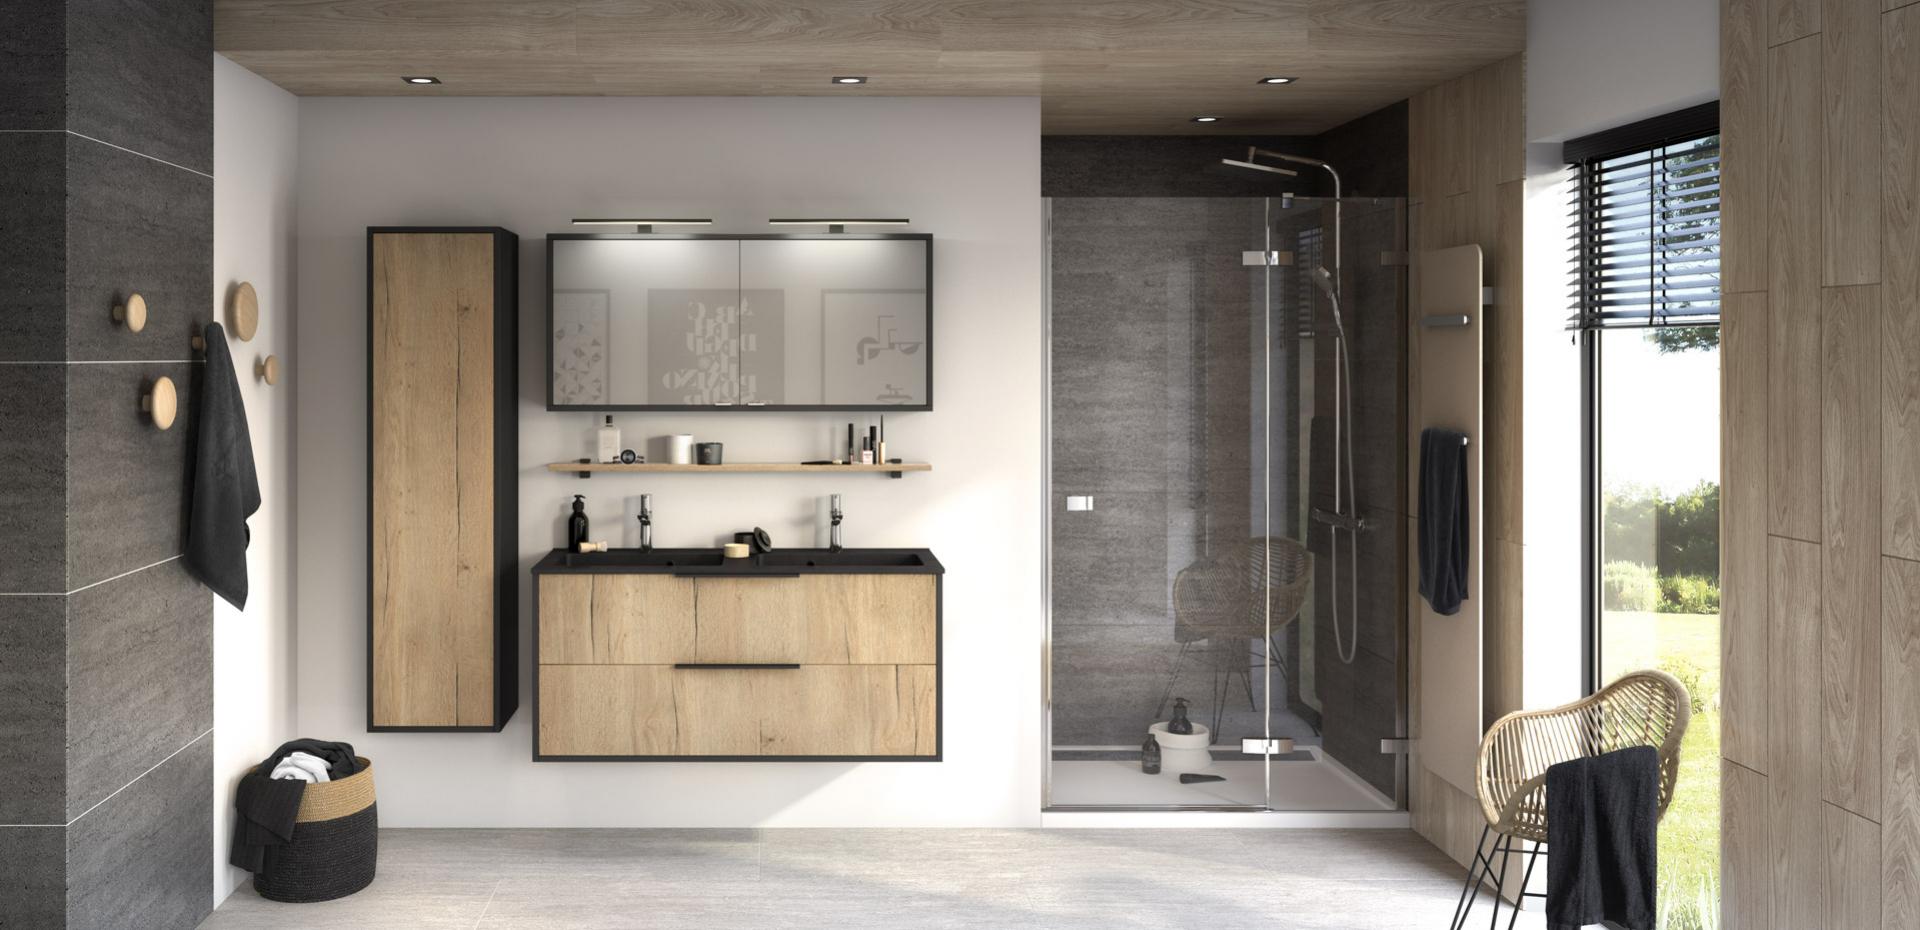 meuble-salle-de-bain-delpha-ultra-cadra